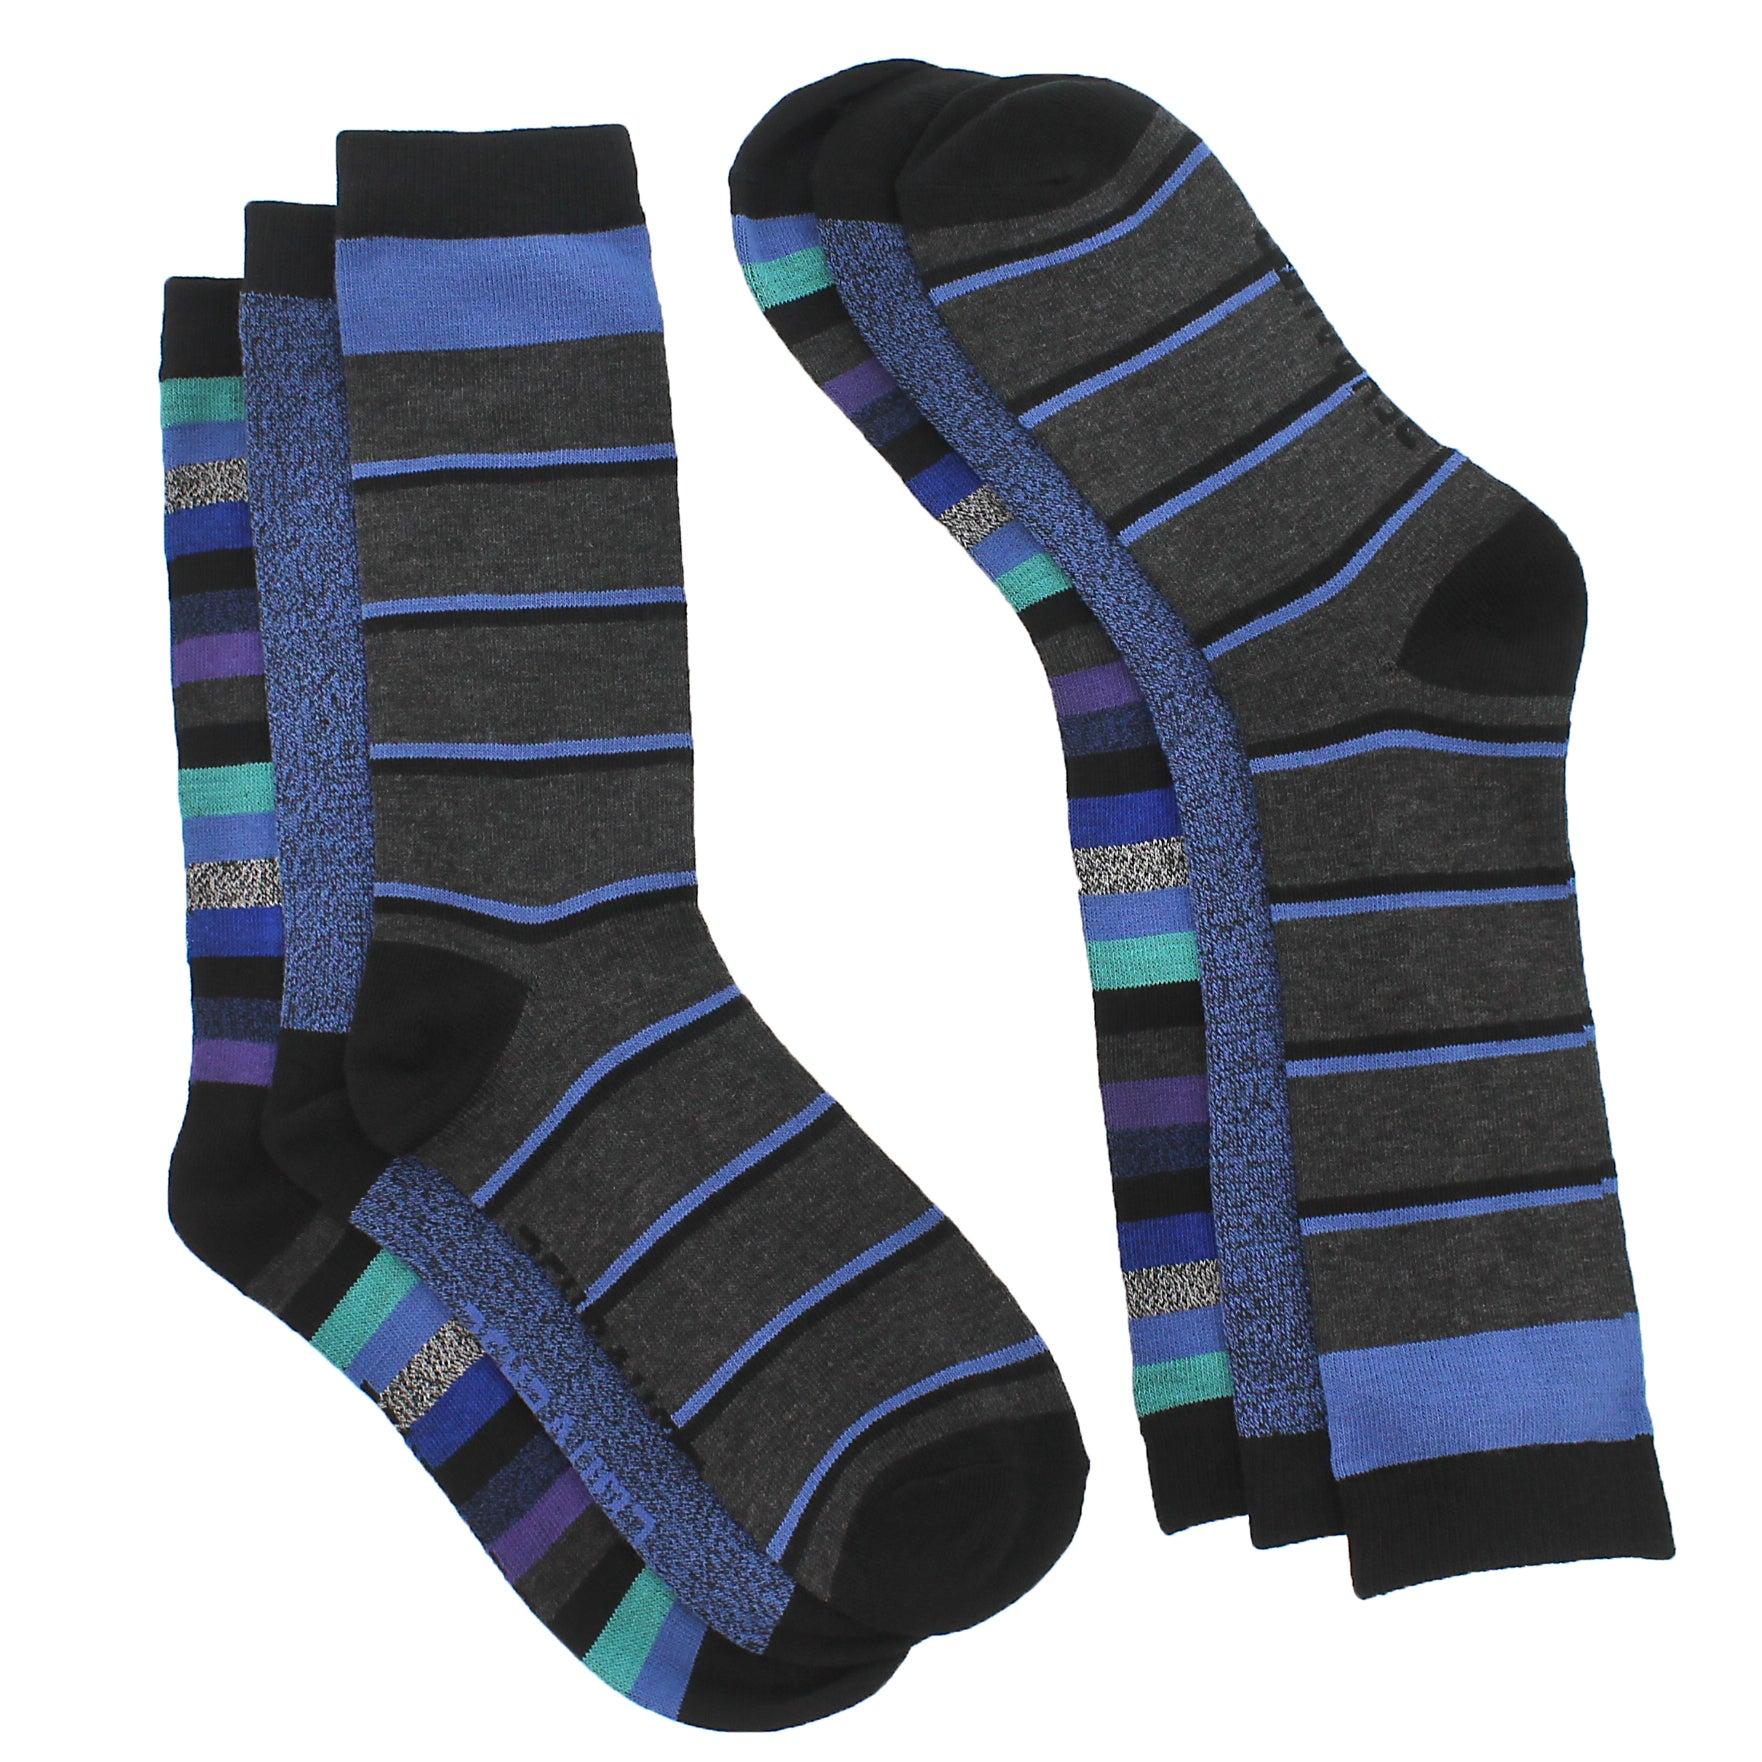 Lds Converse  blk offair striped sock